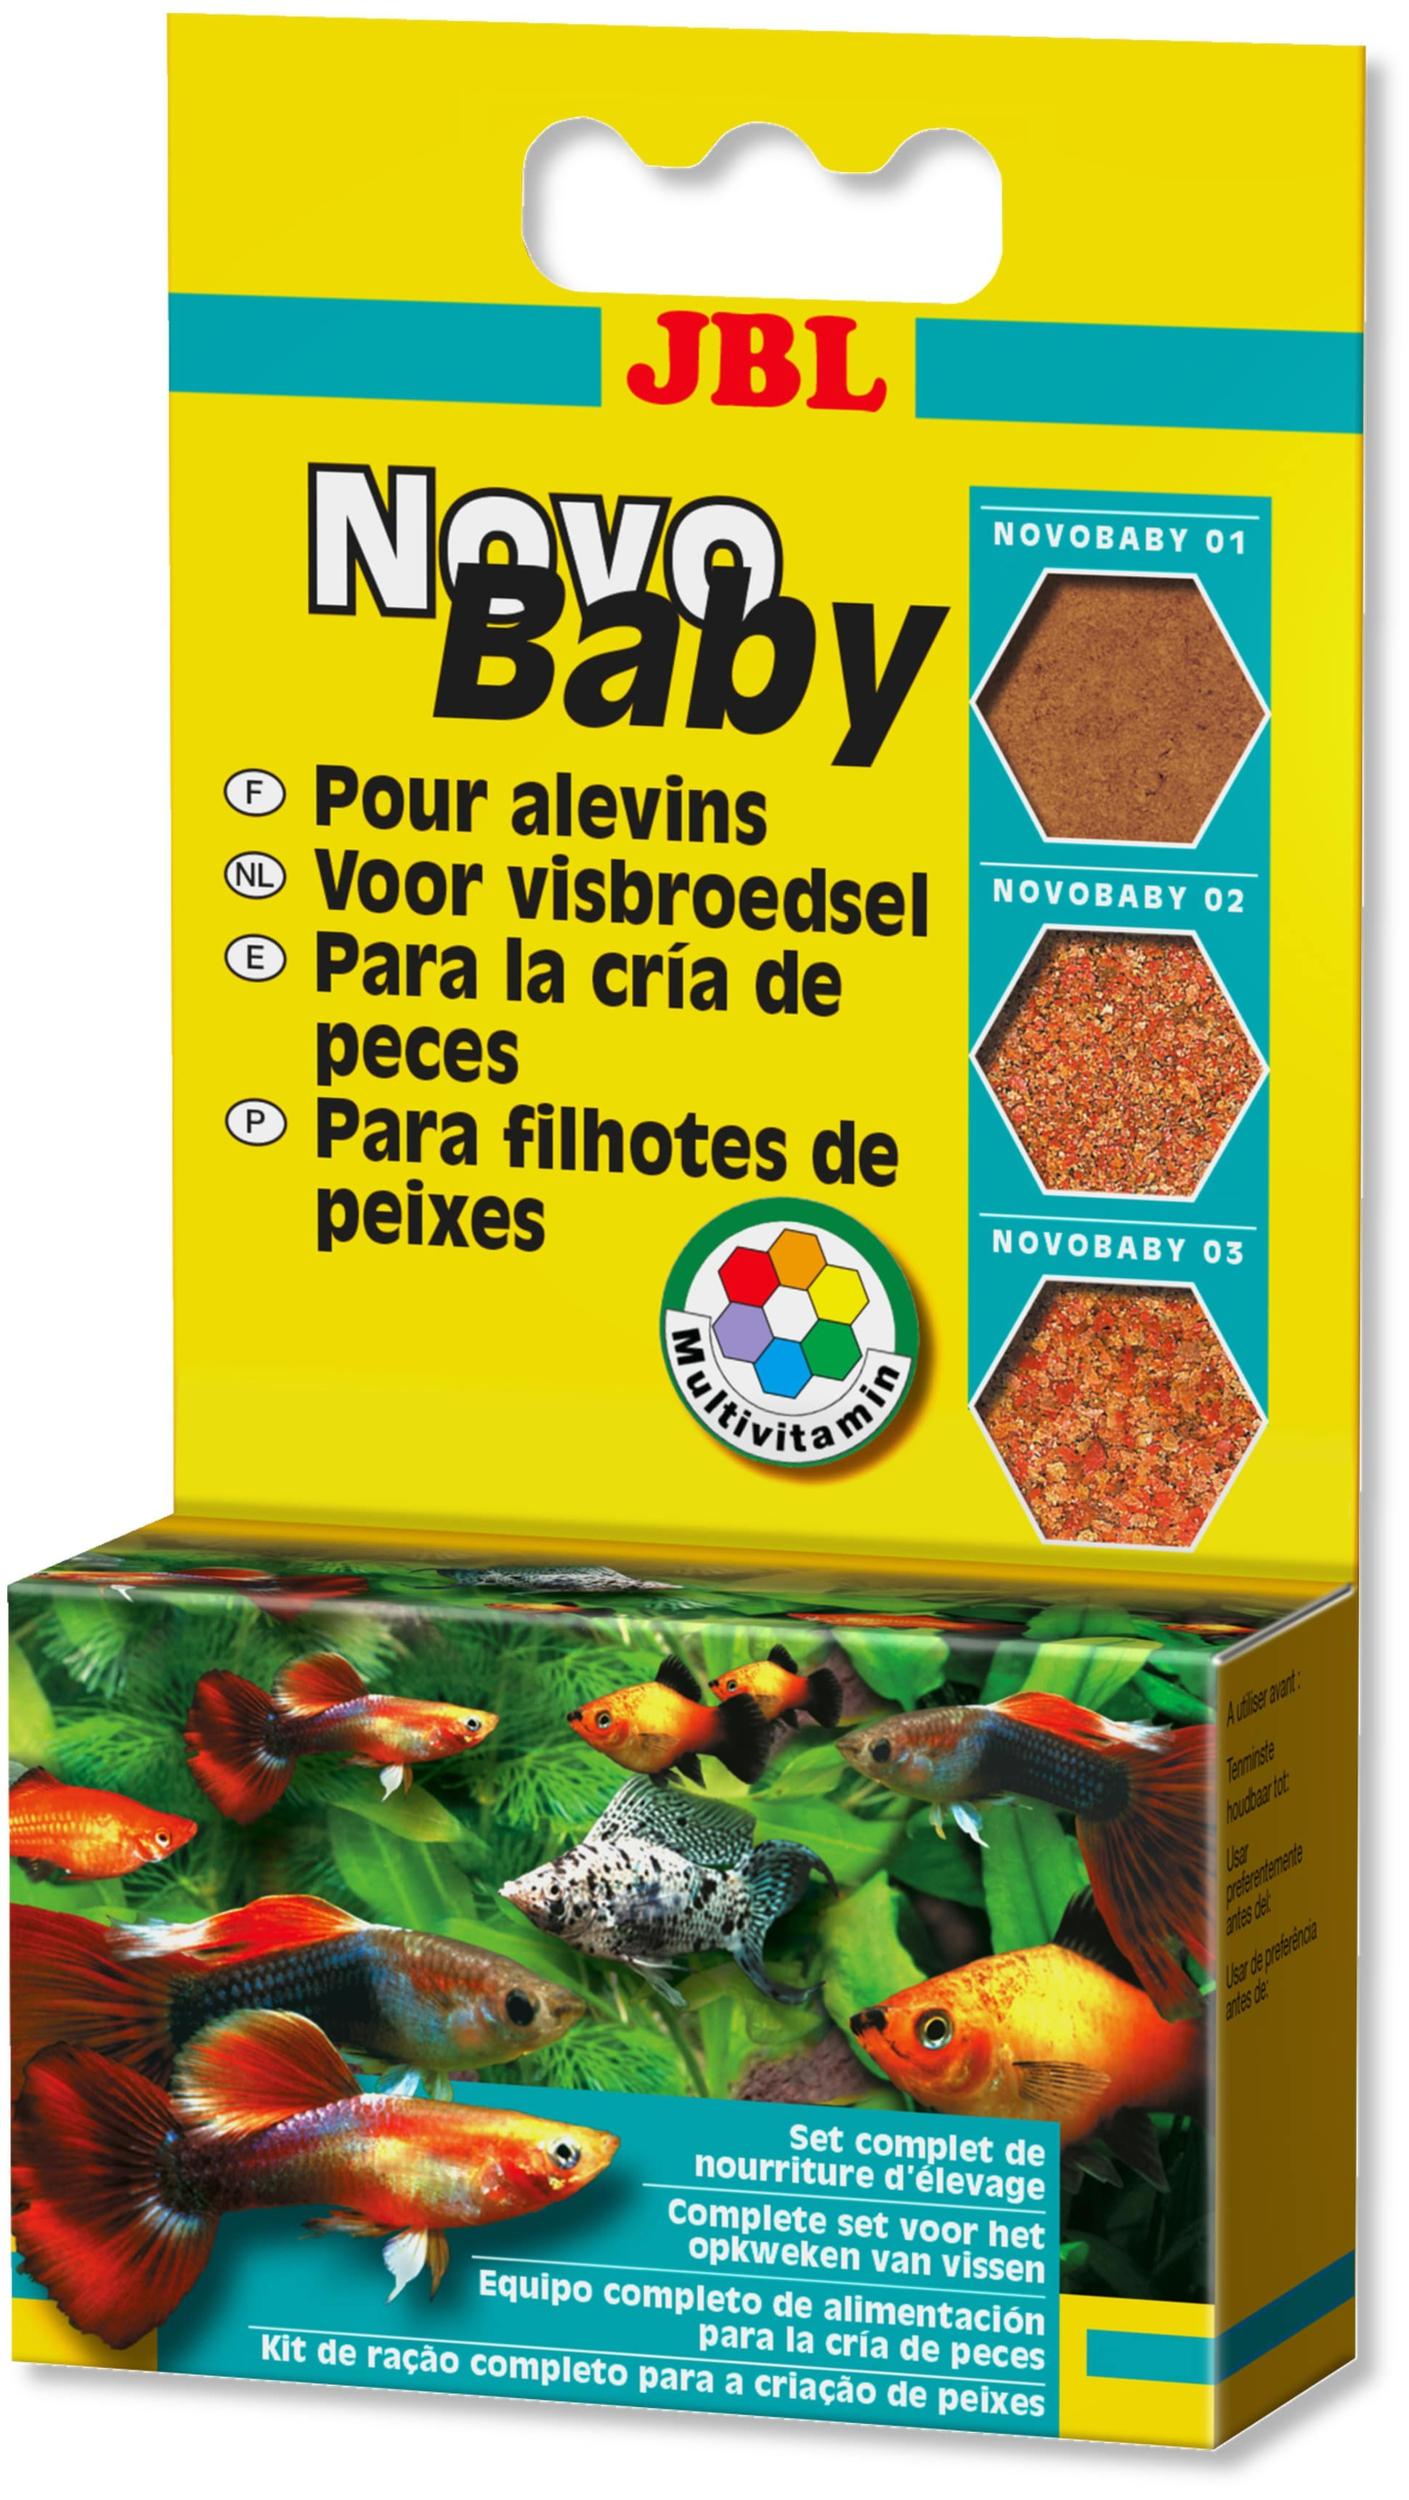 JBL NovoBaby kit de 3 nourritures d\'élevage pour alevins